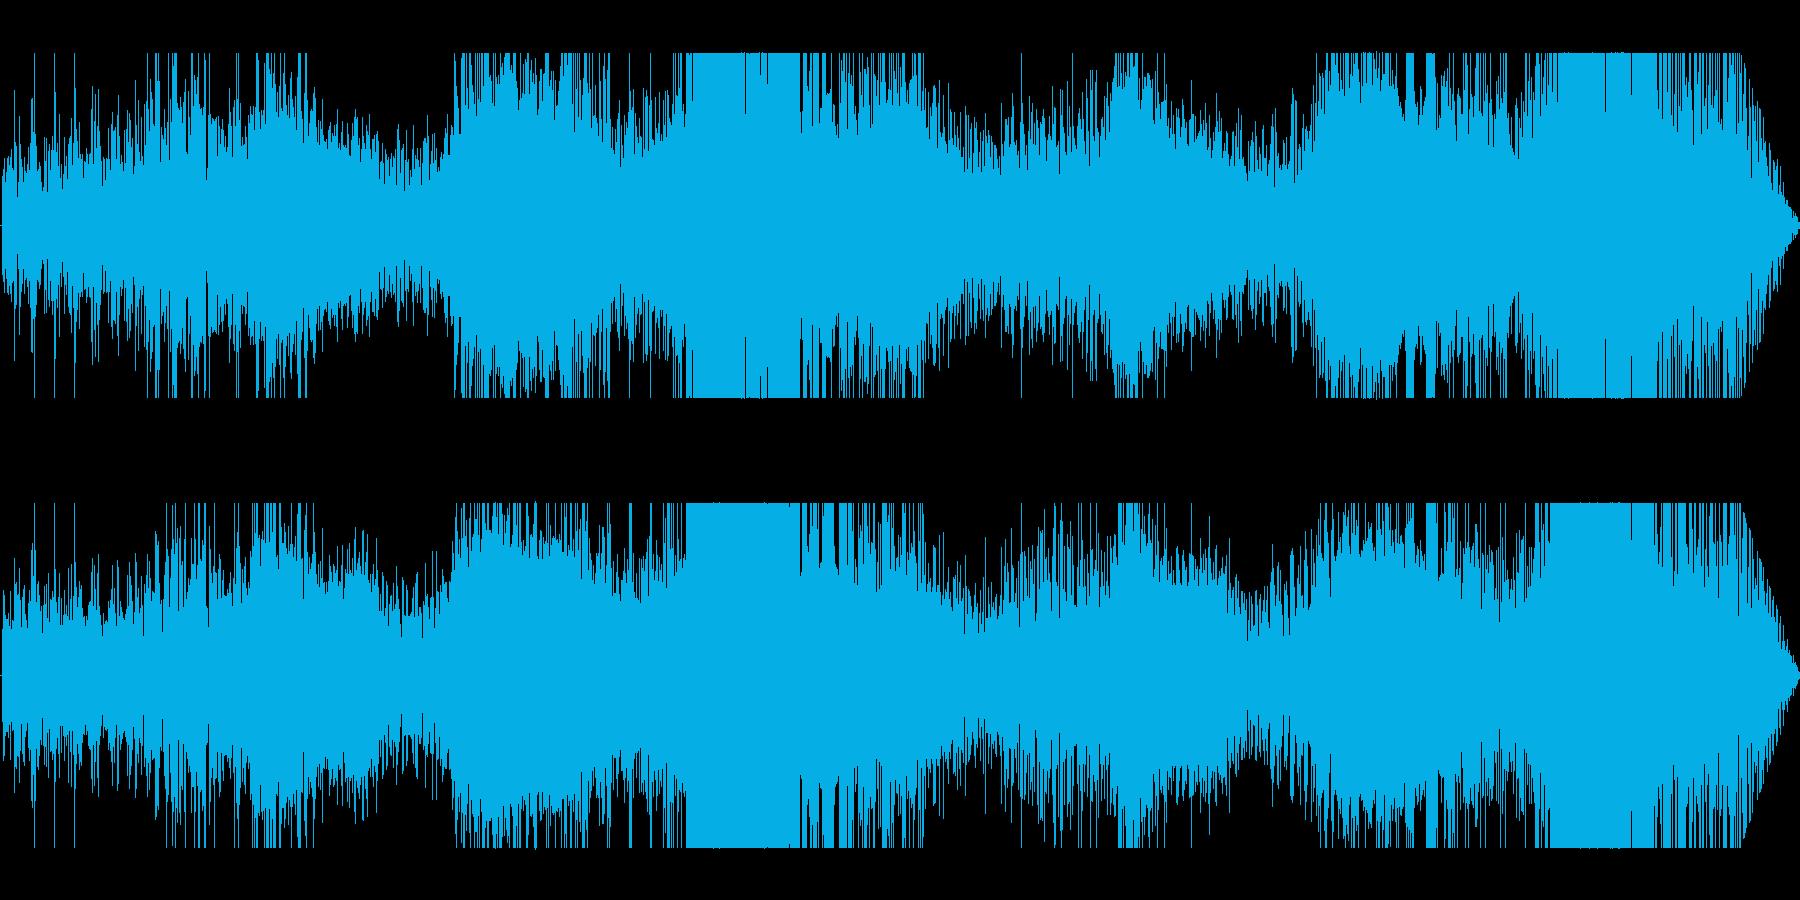 ピッチの高い液体倍音を伴う液体メタ...の再生済みの波形